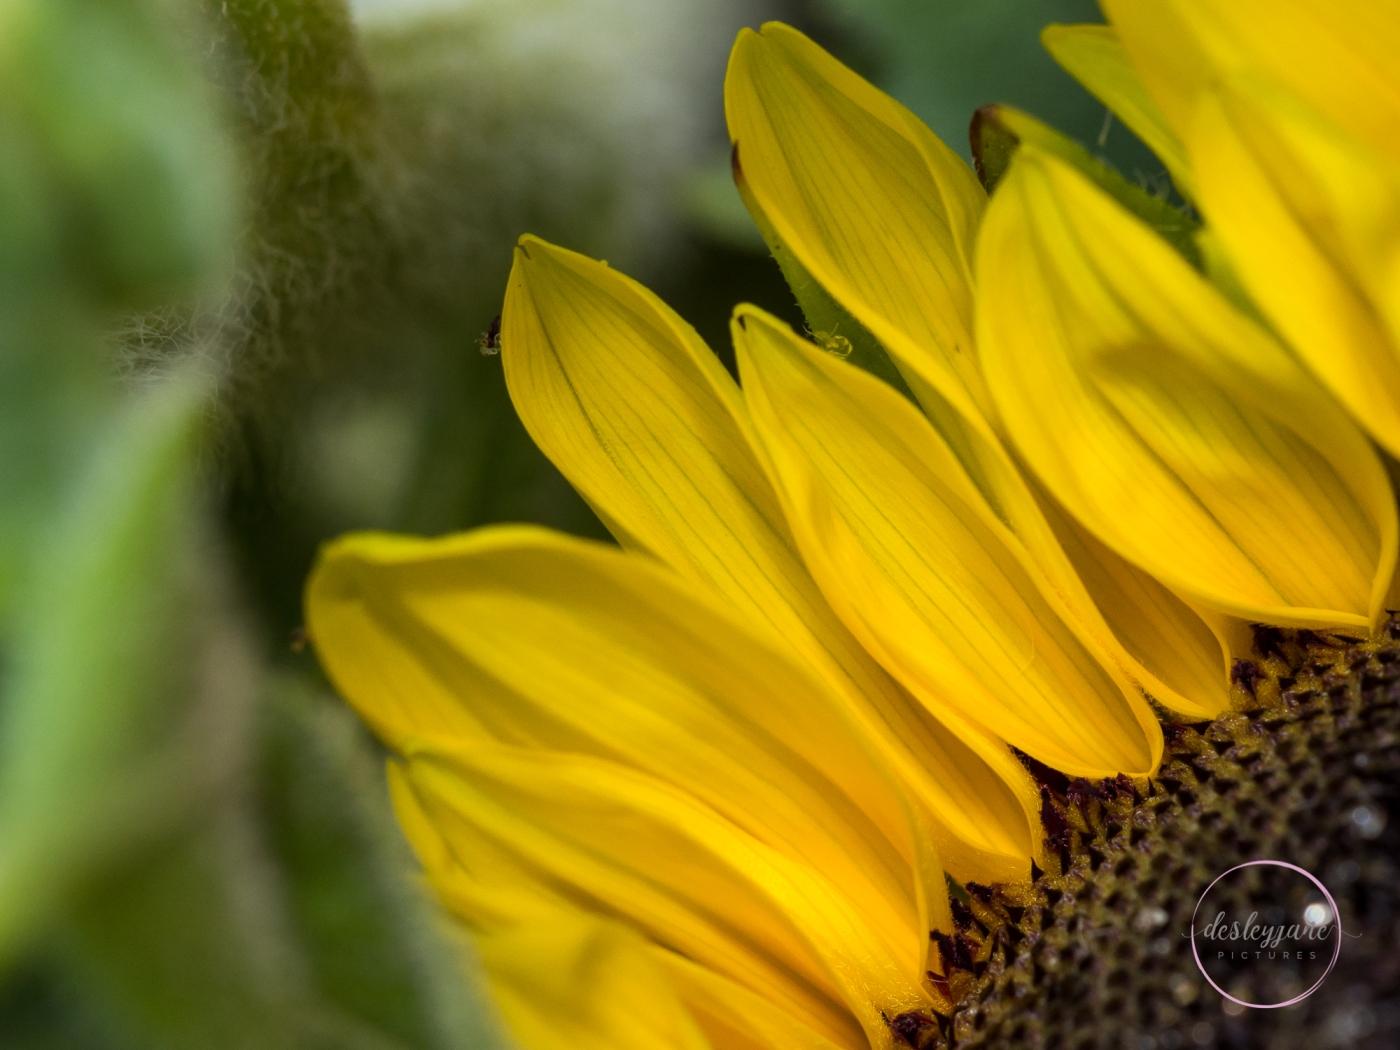 Sunflowers-9